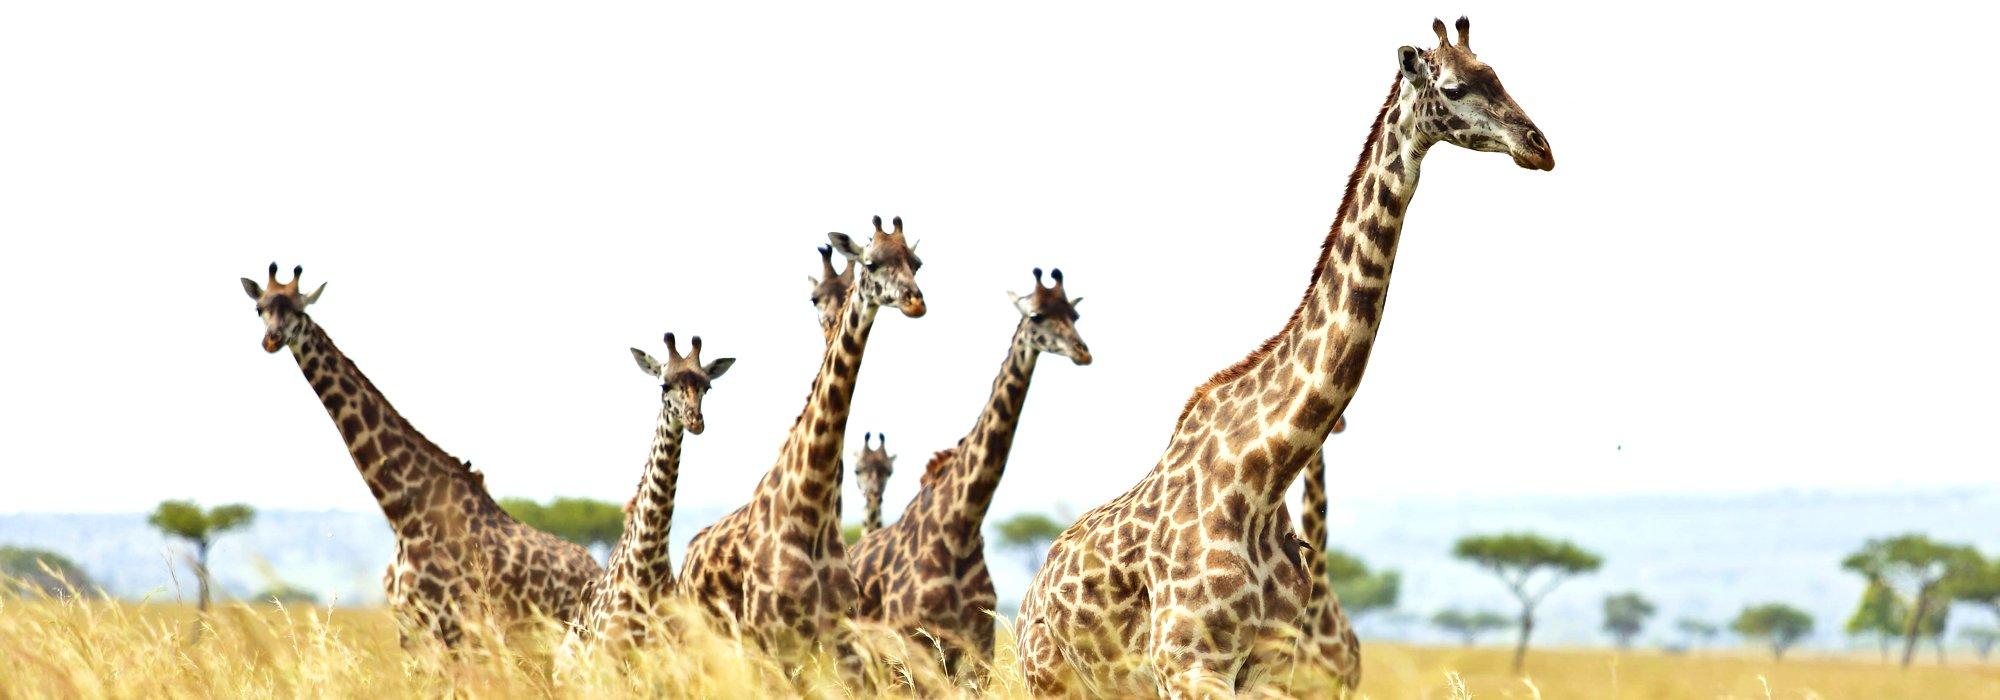 A Journey of Giraffes on the Maasai Mara